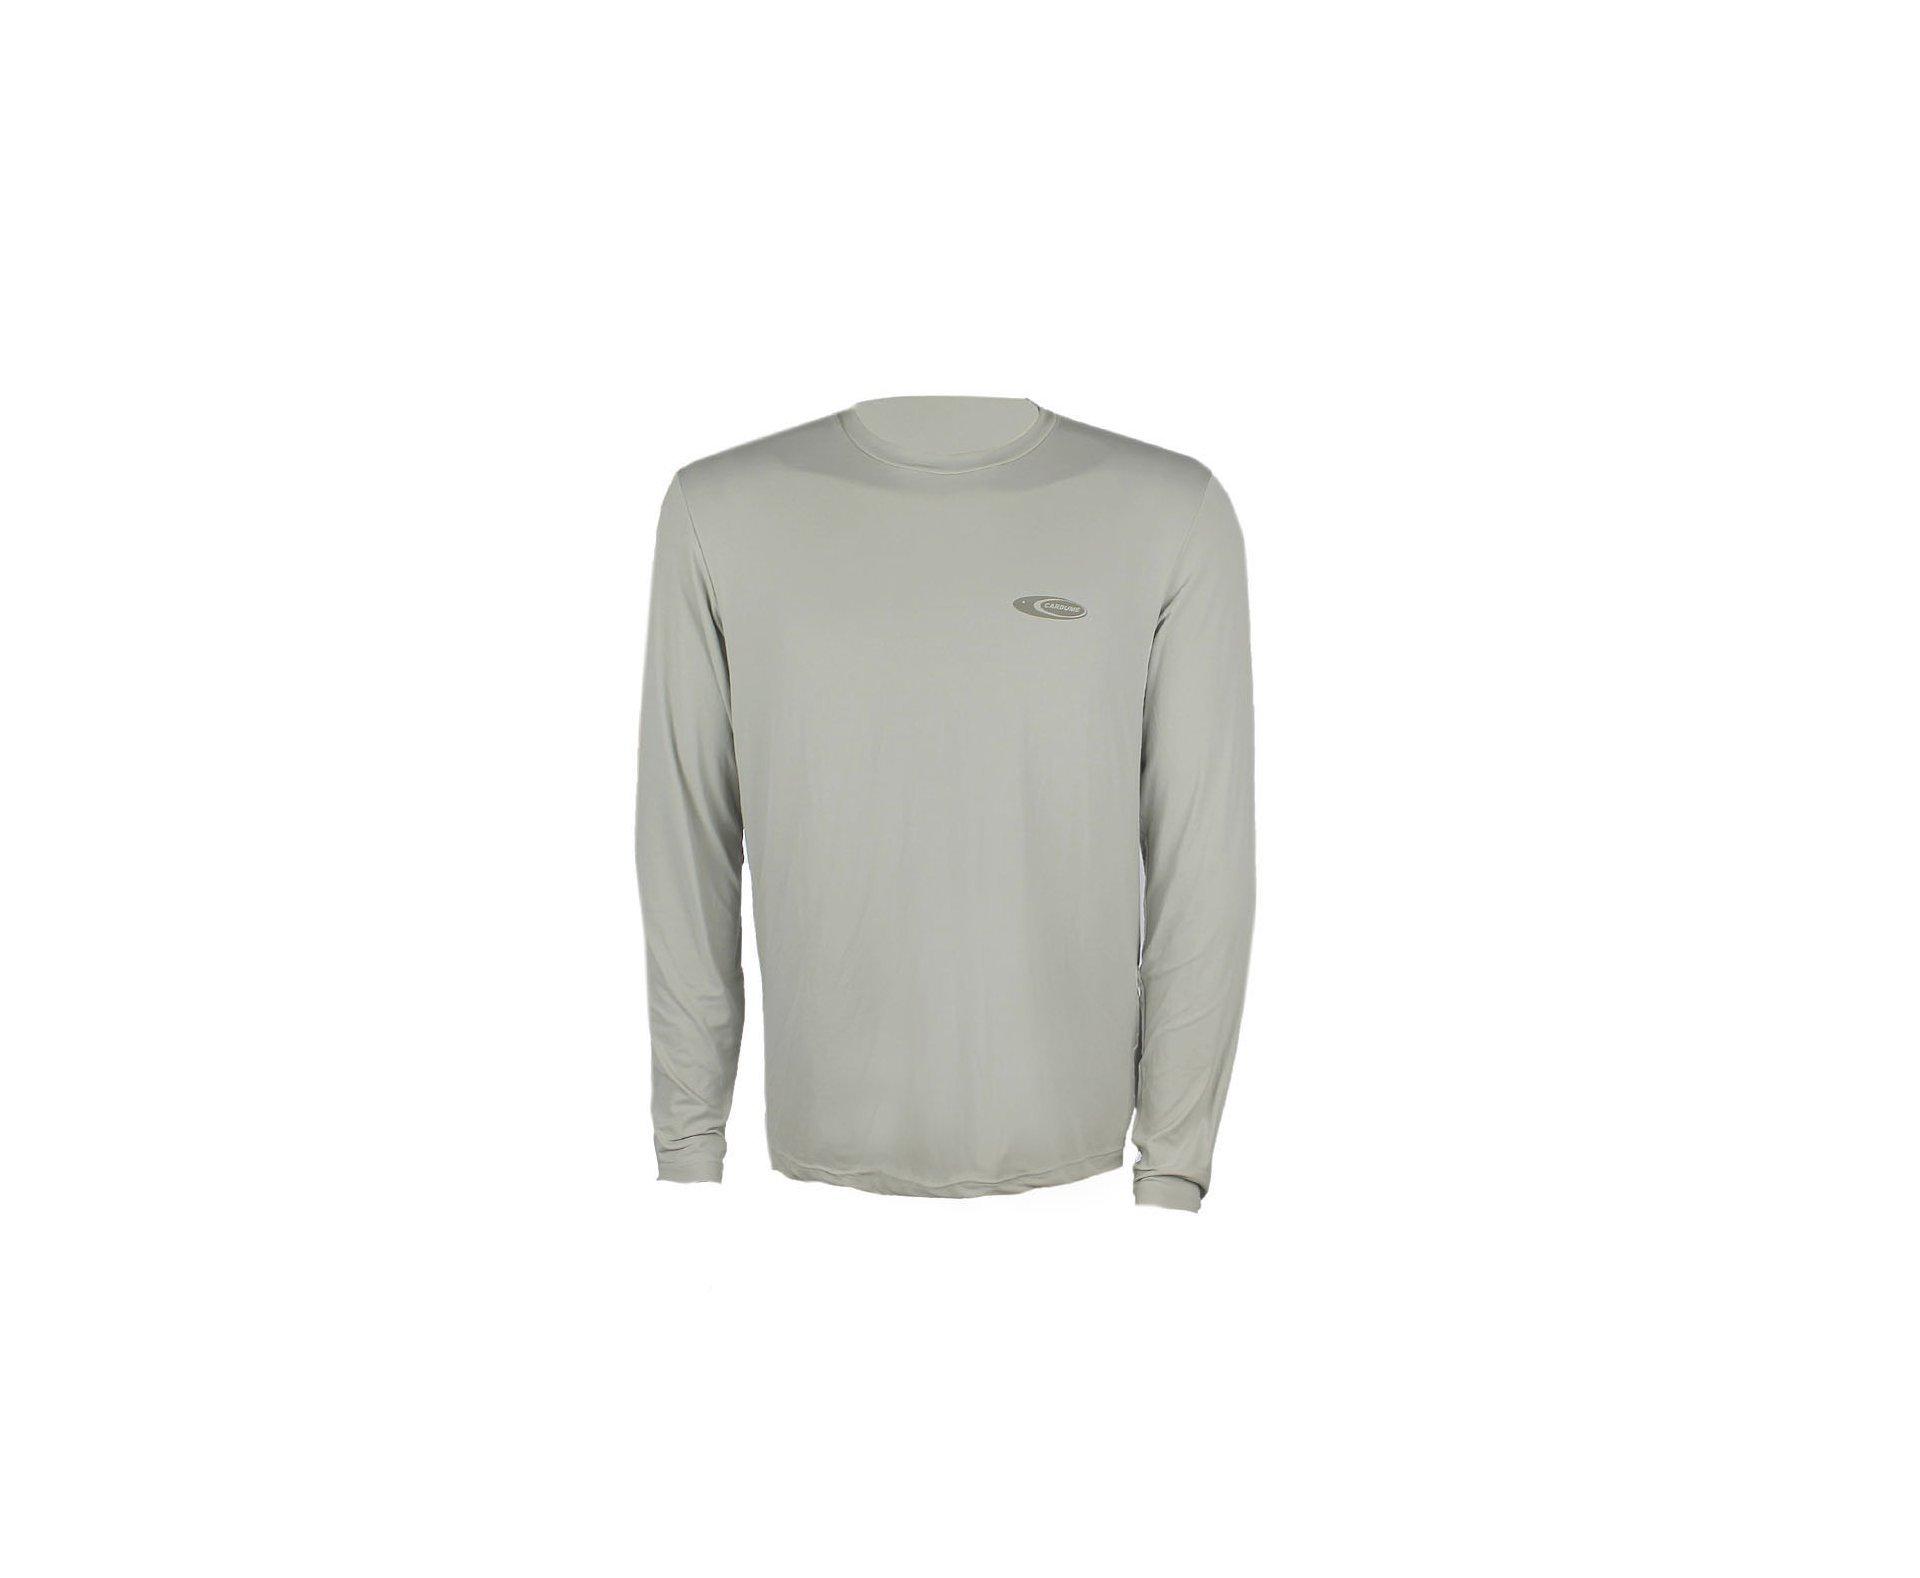 Camiseta Softline Areia - Proteção Uva/uvb 50+ Fps - Cardume